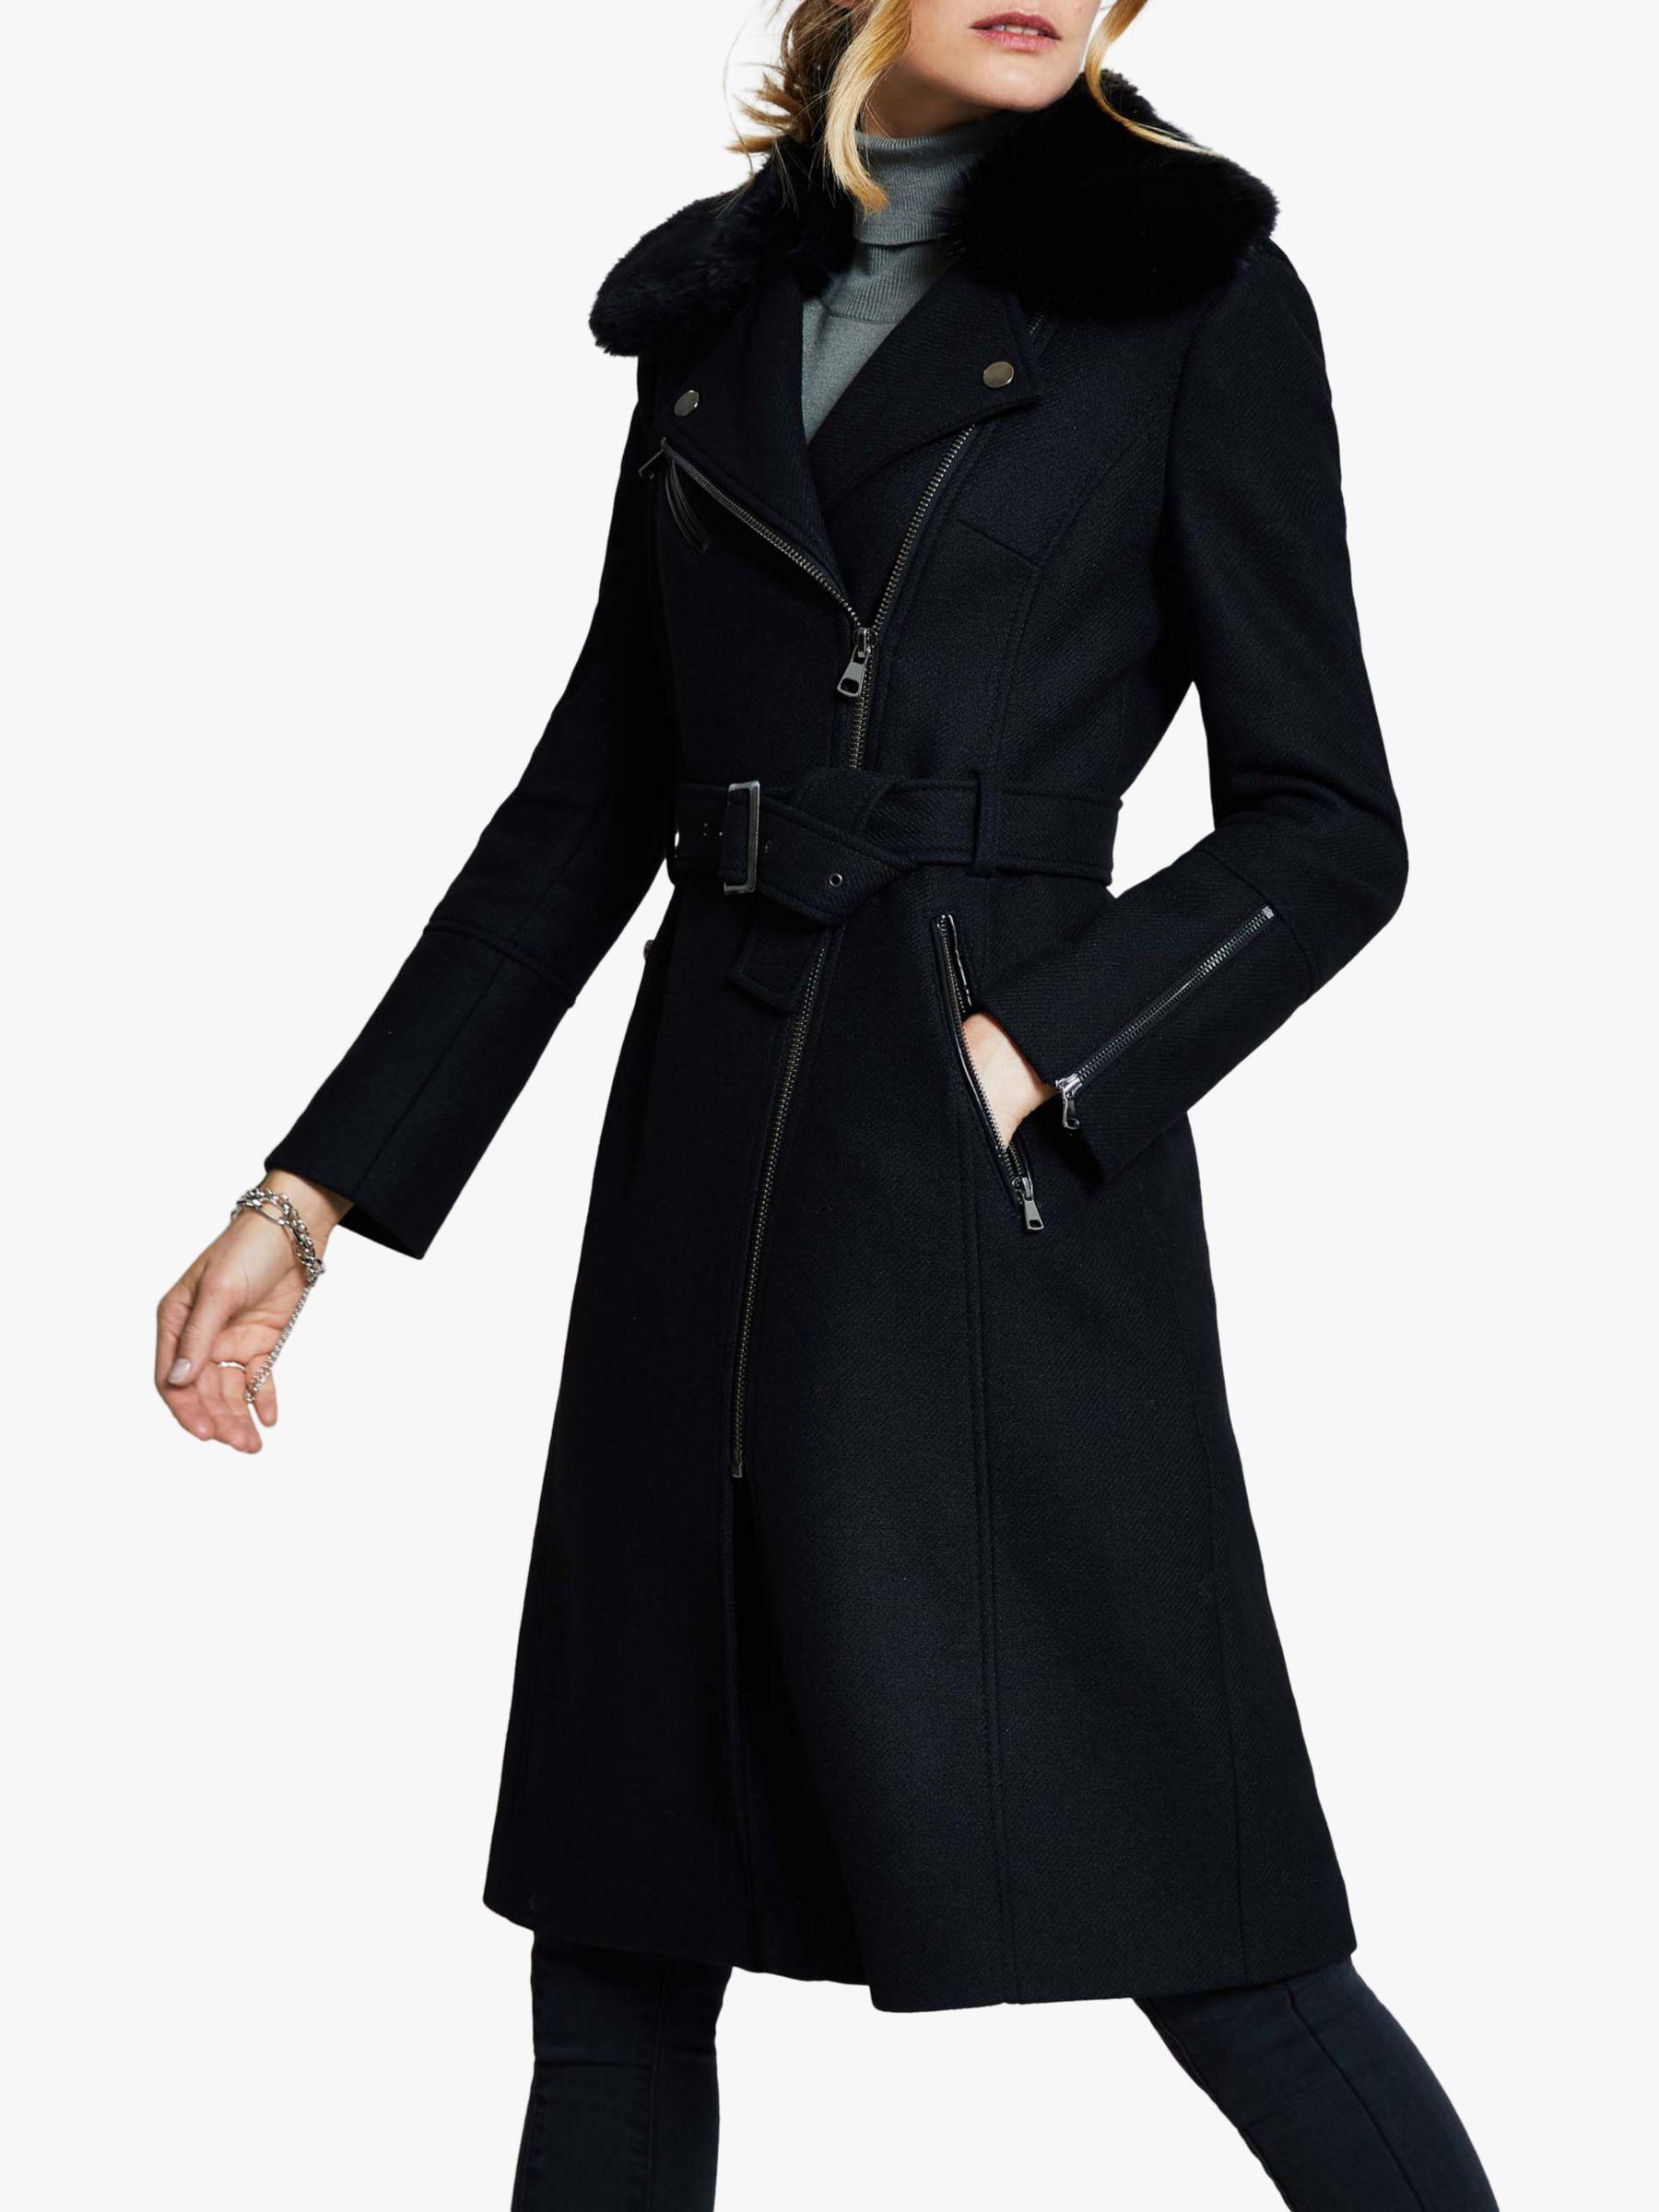 Harpenne Harpenne Belted Wool Coat, Black